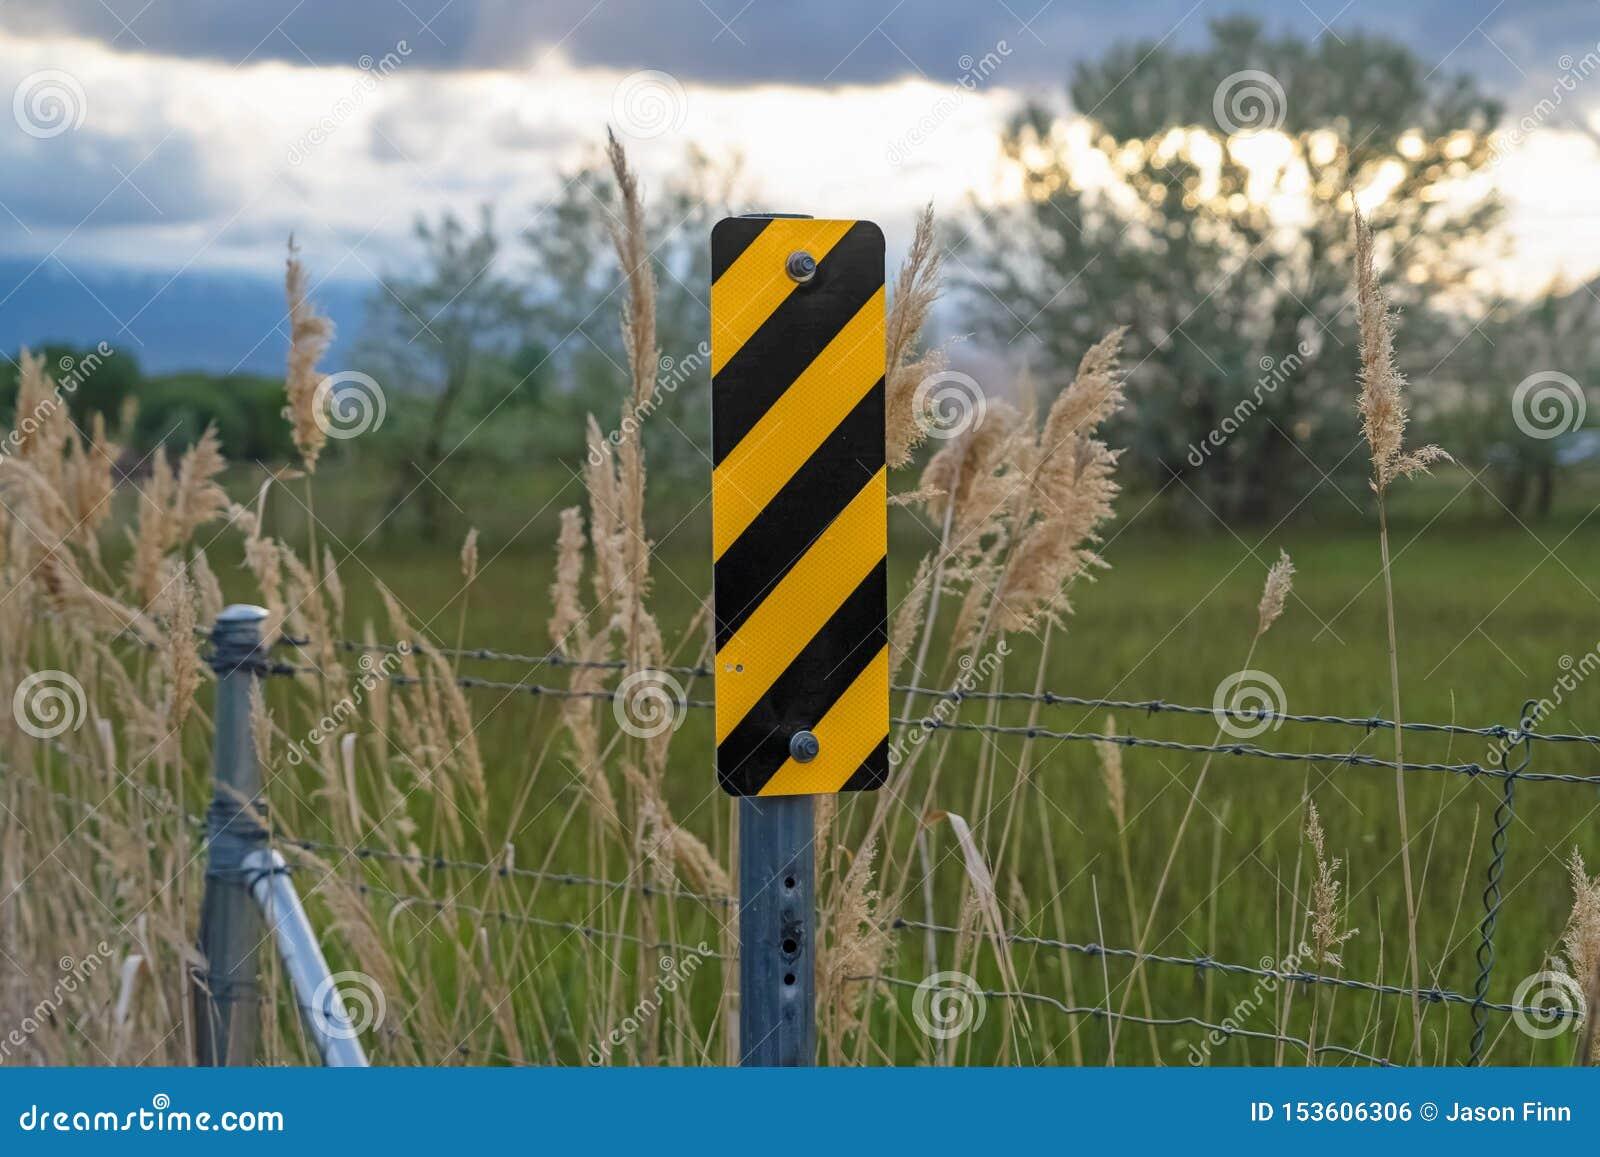 Ciérrese para arriba de señal de tráfico diagonal negra y amarilla de las rayas al lado de la cerca del alambre de púas